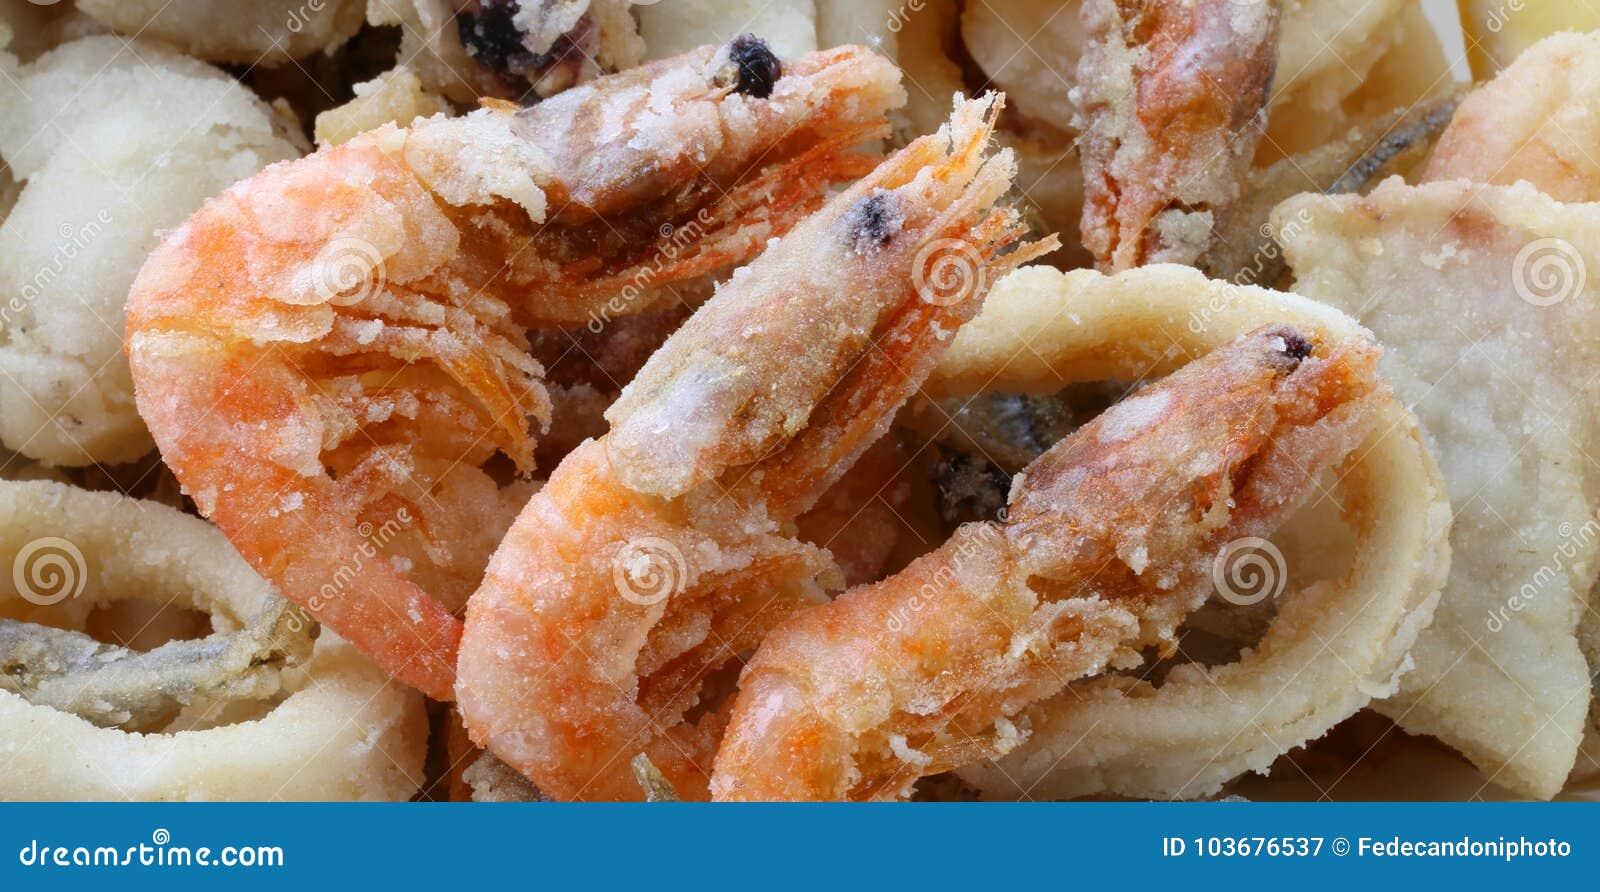 Grande crevette trois et d autres poissons et fruits de mer frits dans les poissons au sujet de